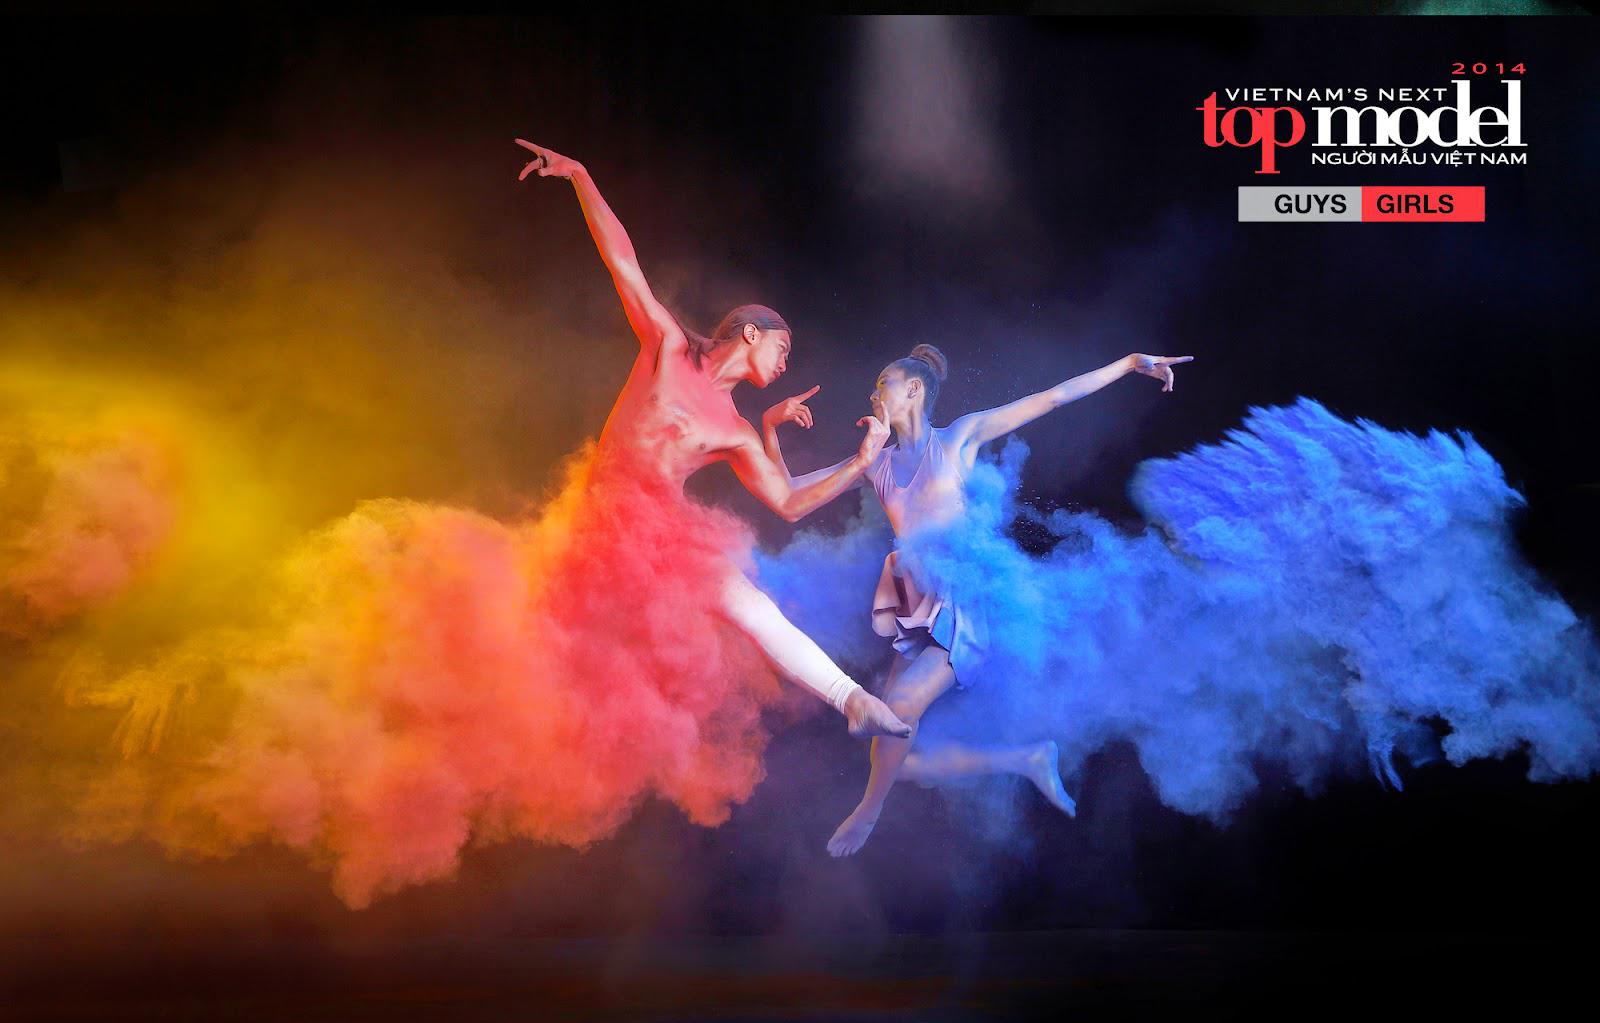 Điểm lại những bức ảnh FCO ấn tượng qua 8 mùa Vietnam's Next Top Model - Hình 9